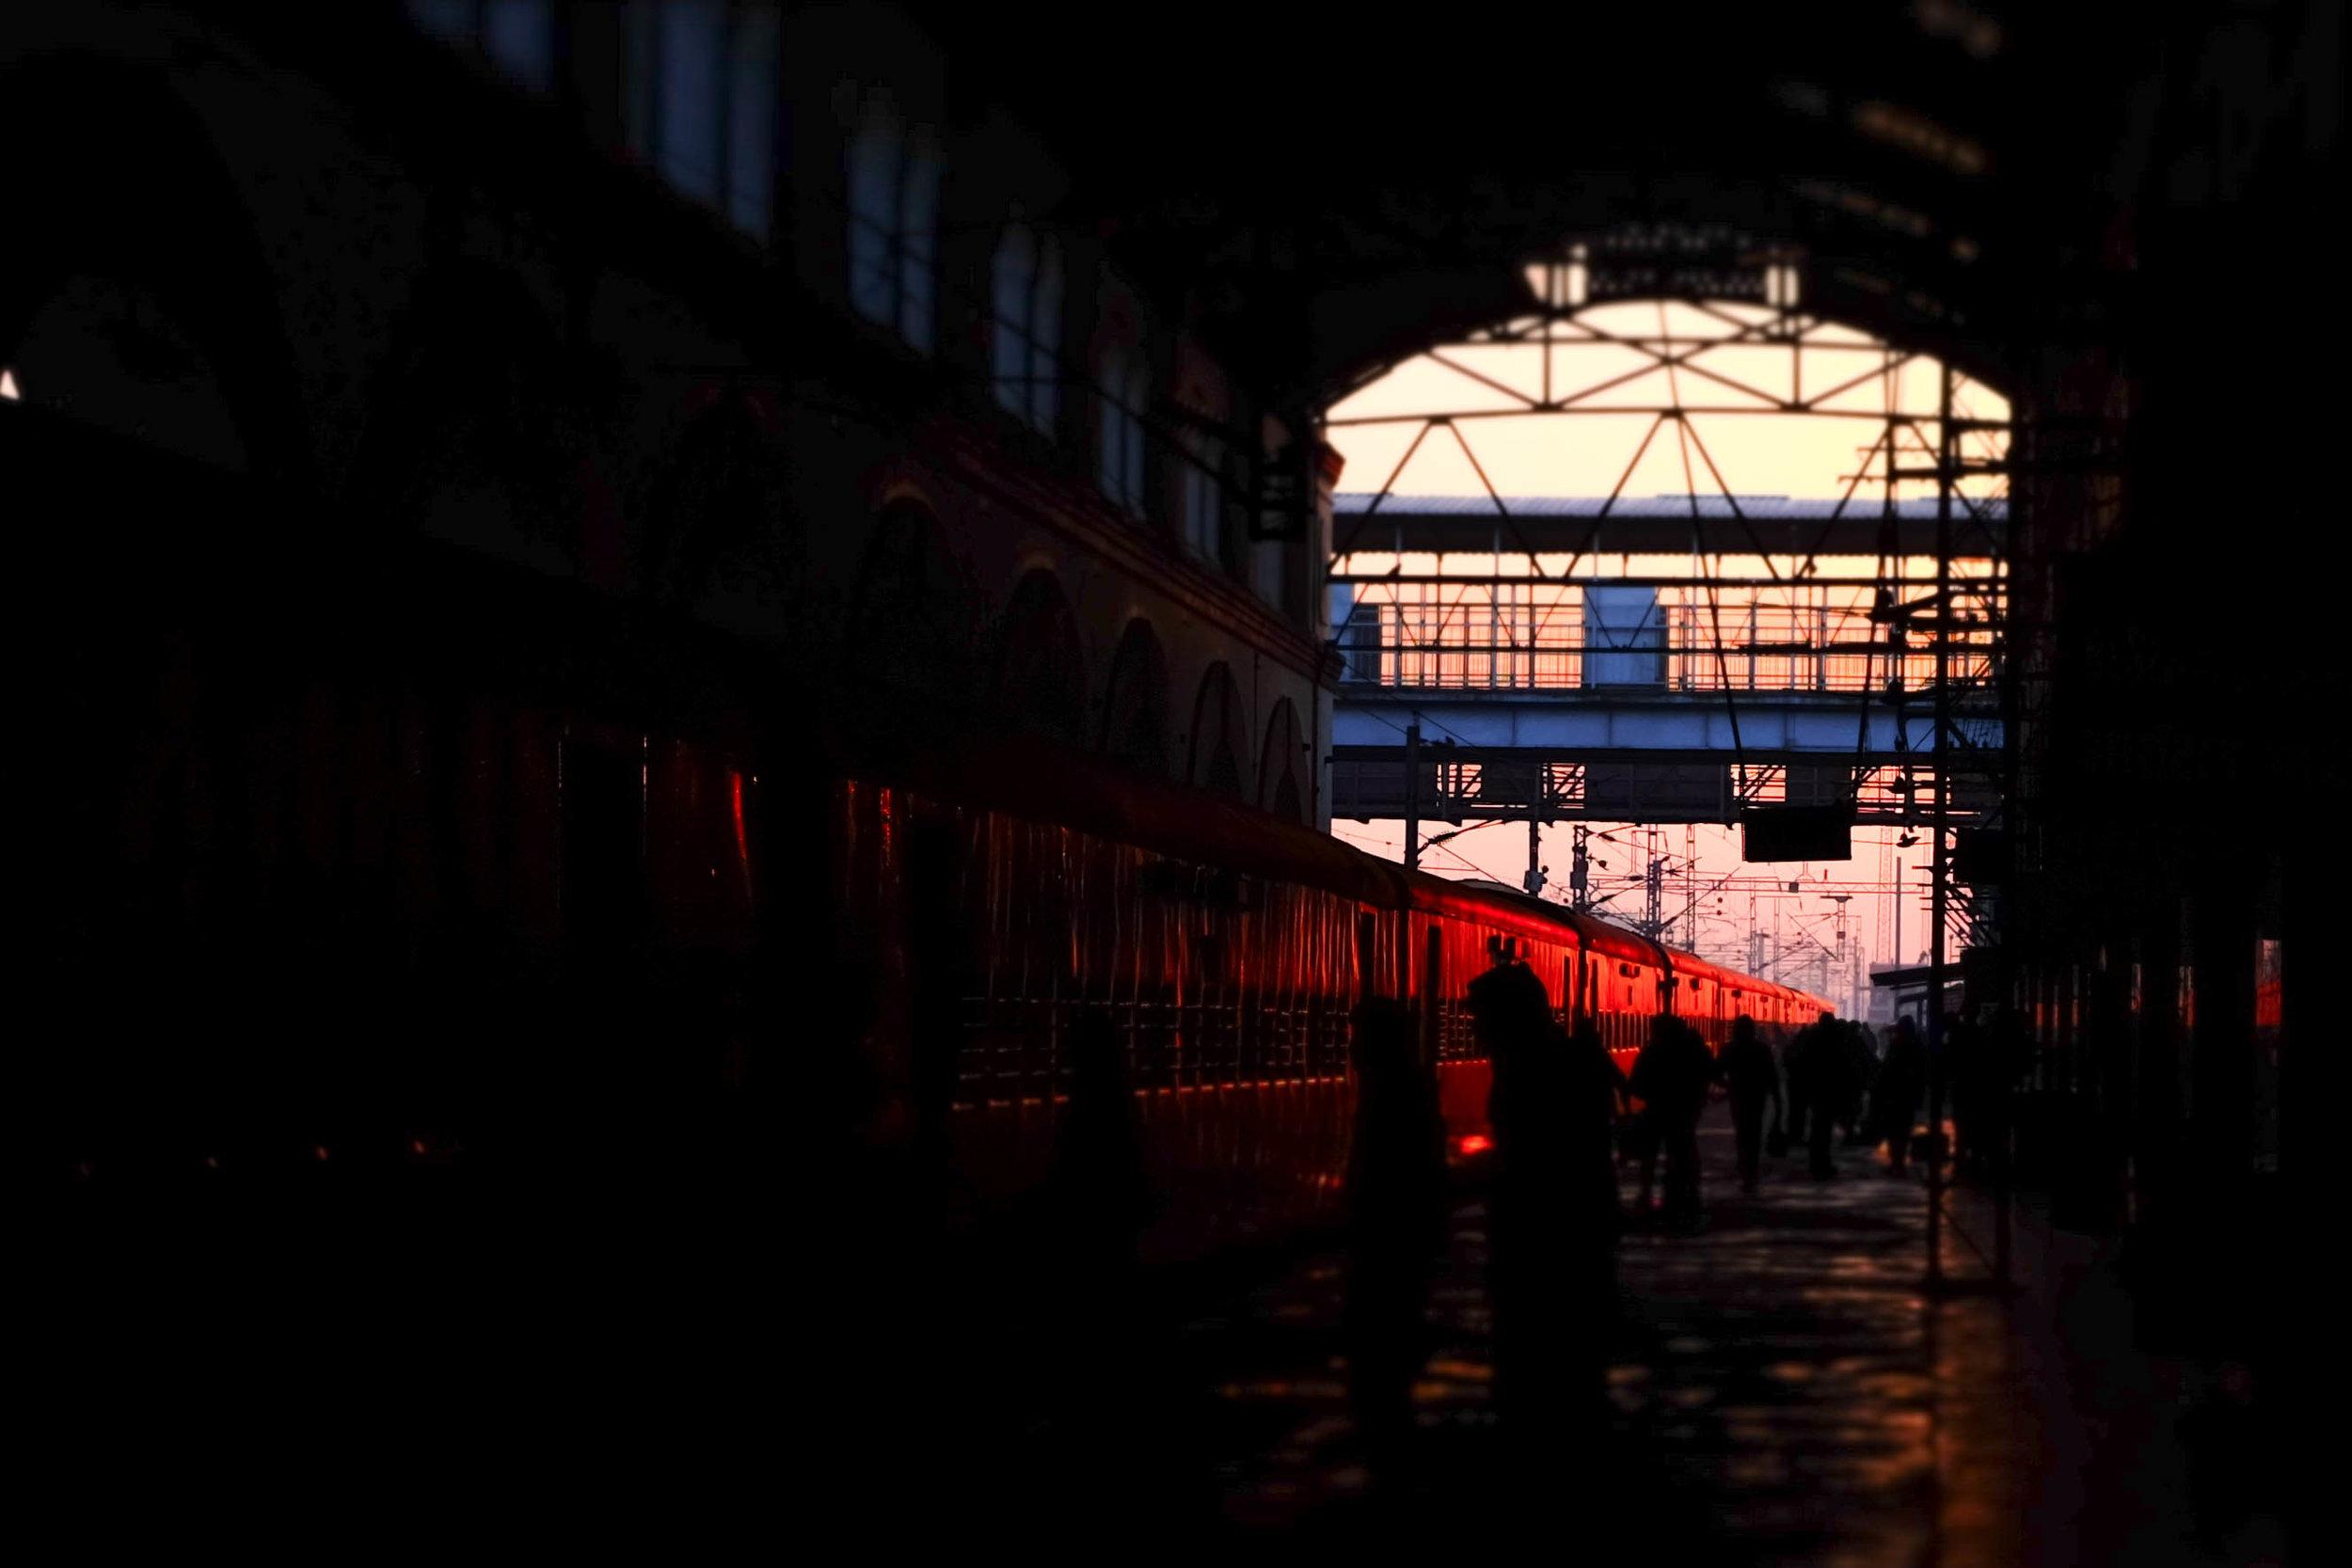 Tundla Train Station, 7:30 am